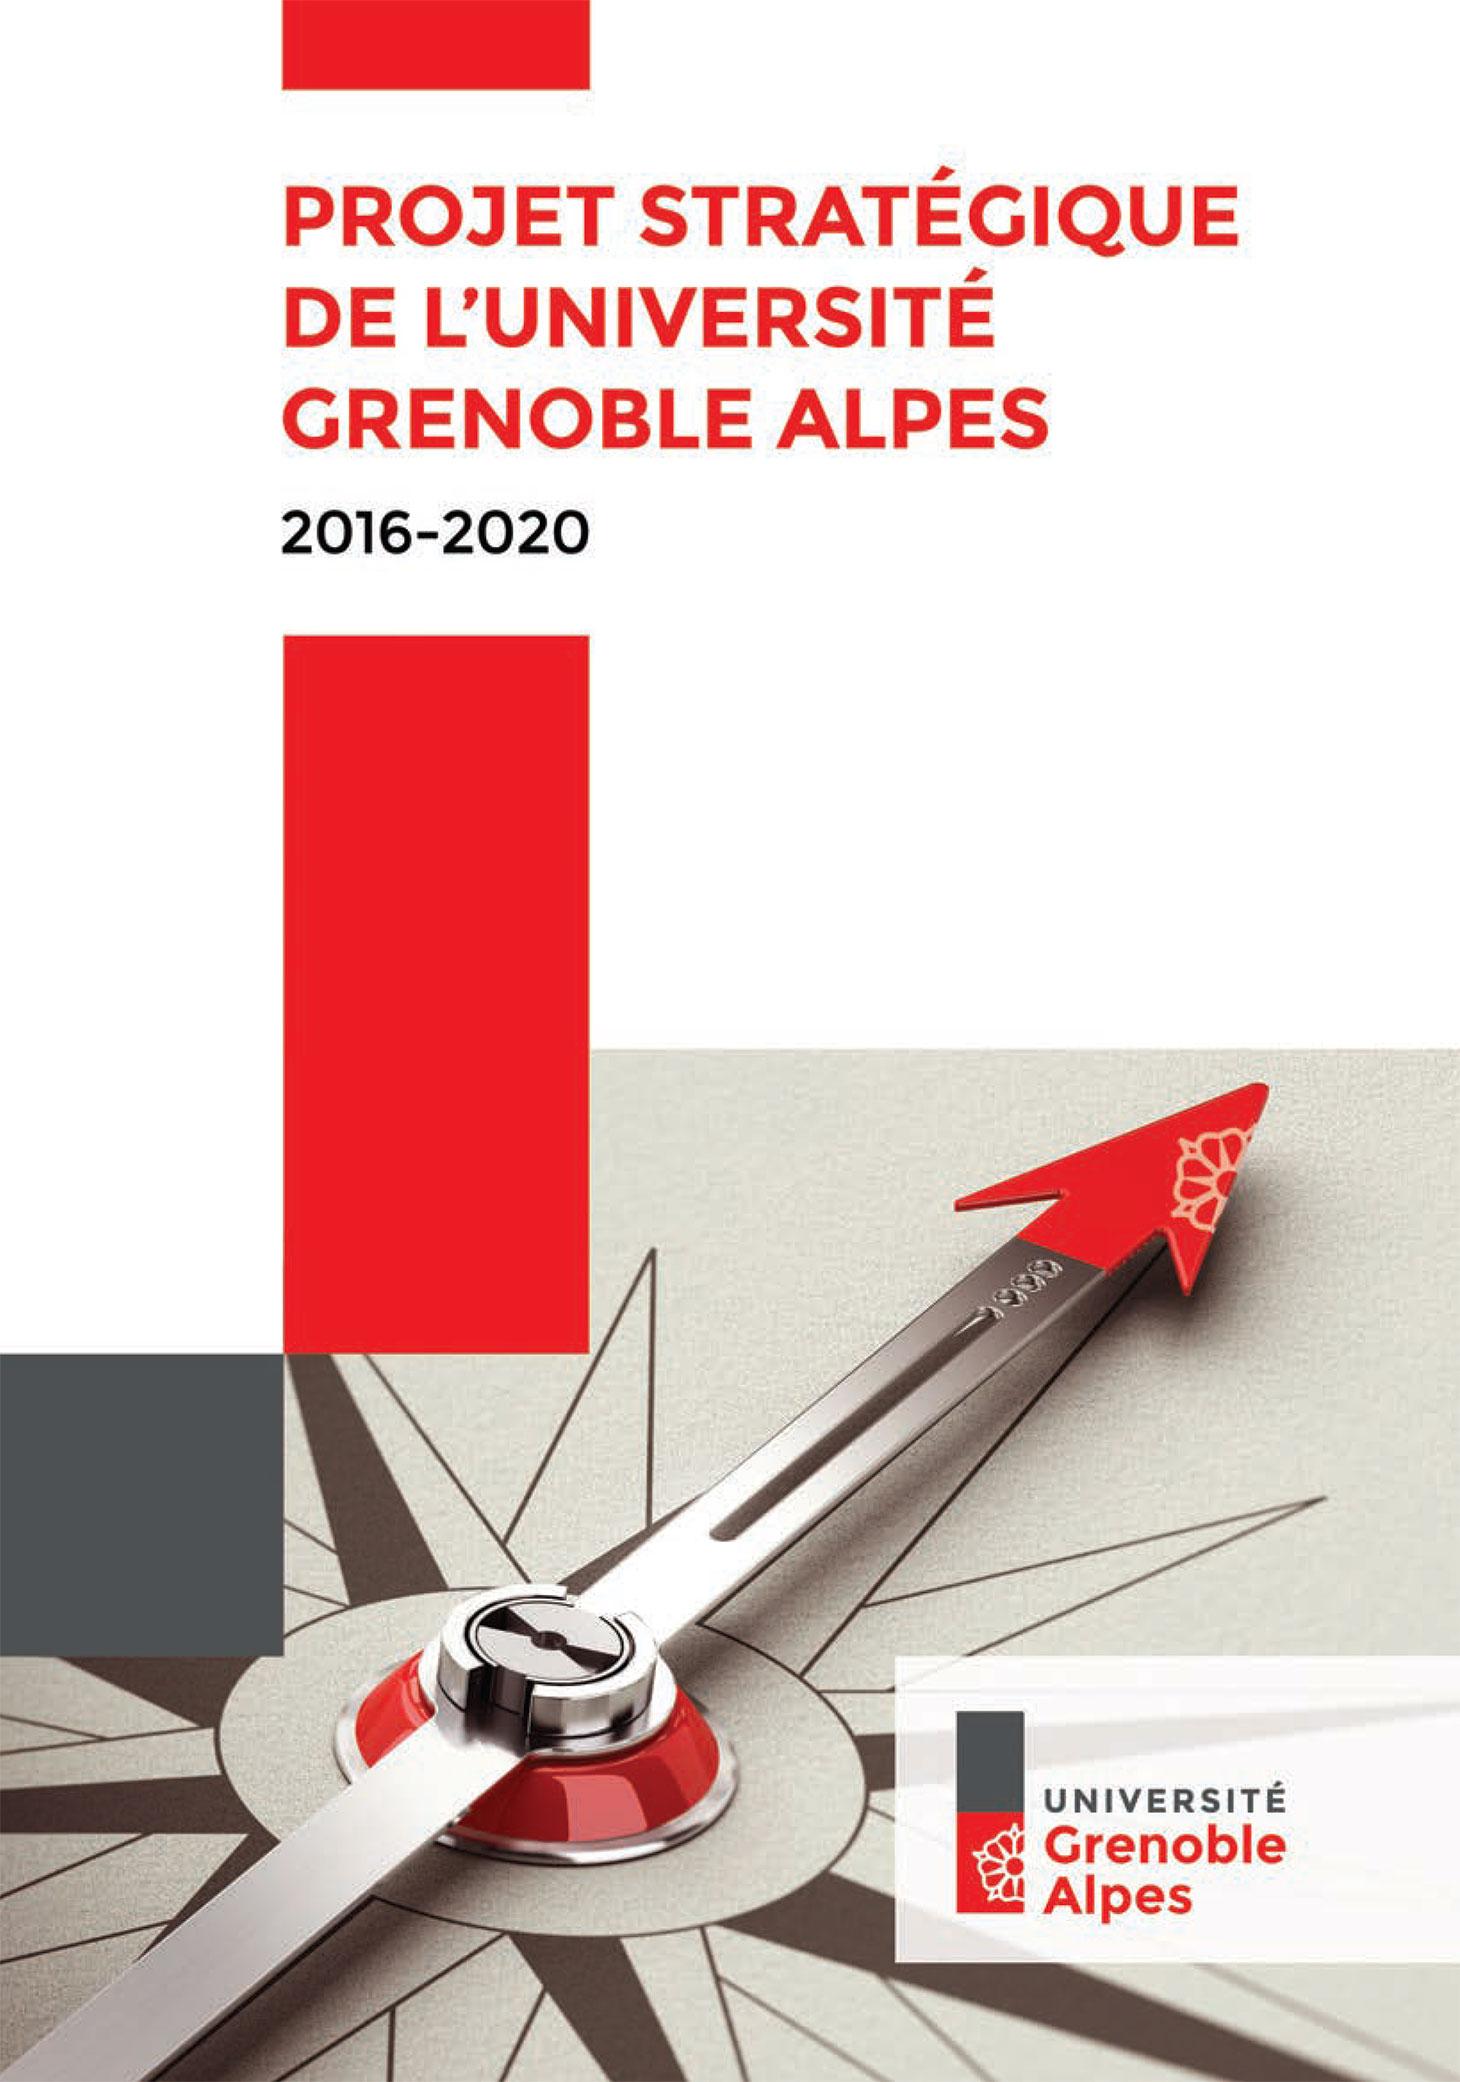 Couverture du livret présentant le projet stratégique de l'Université Grenoble Alpes